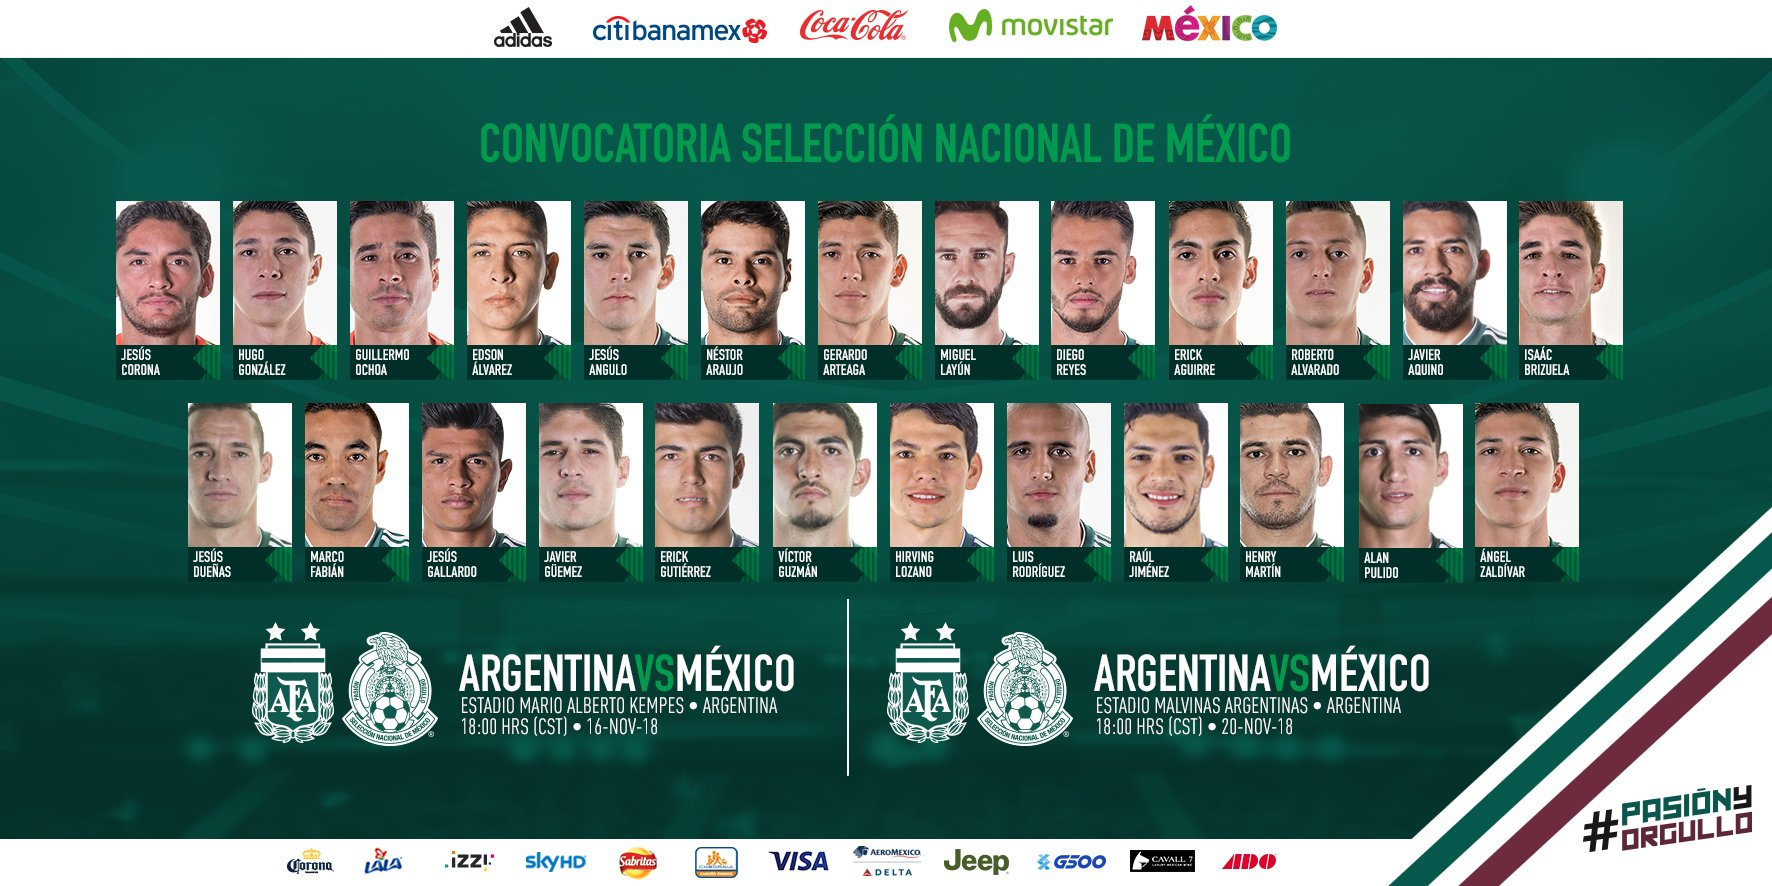 Convocatoria México noviembre